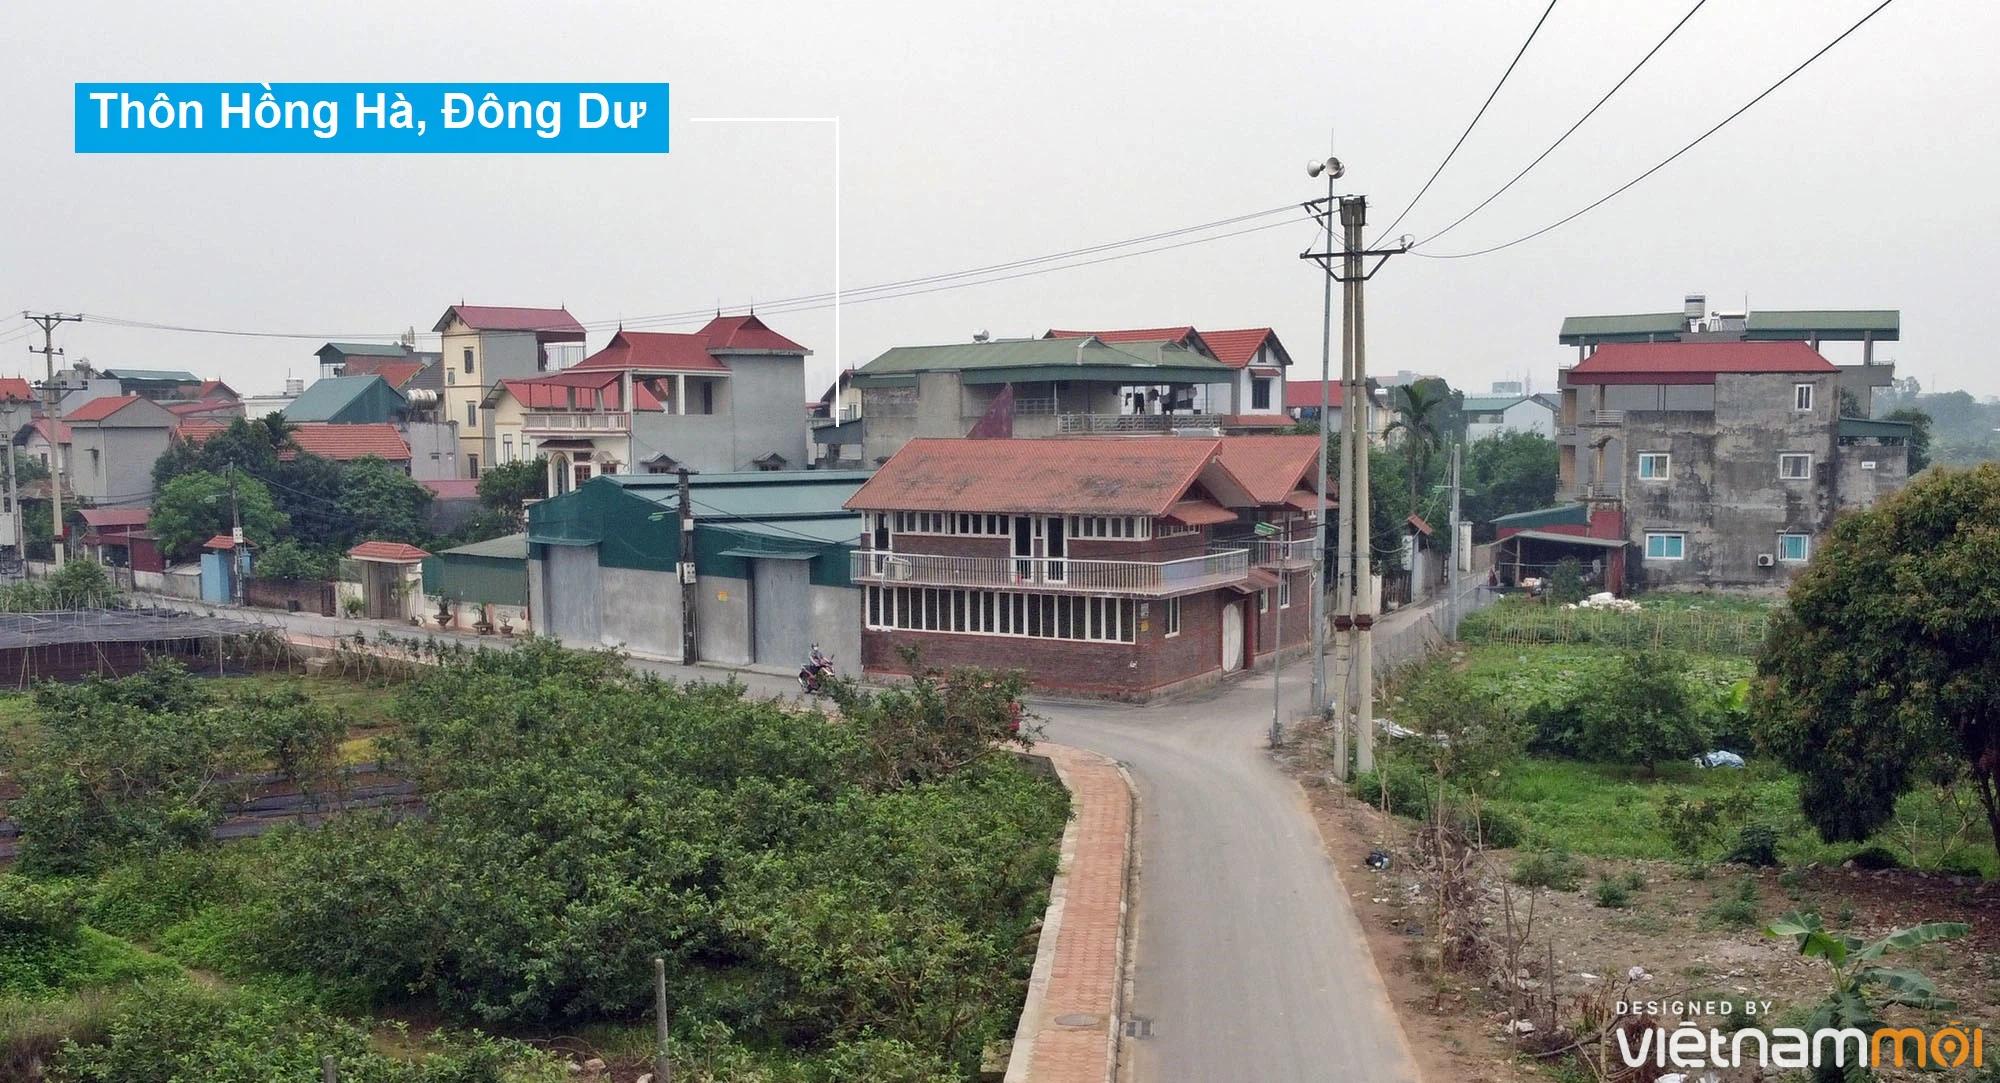 Toàn cảnh hiện trạng Phân khu đô thị sông Hồng trên địa bàn huyện Gia Lâm - Ảnh 9.